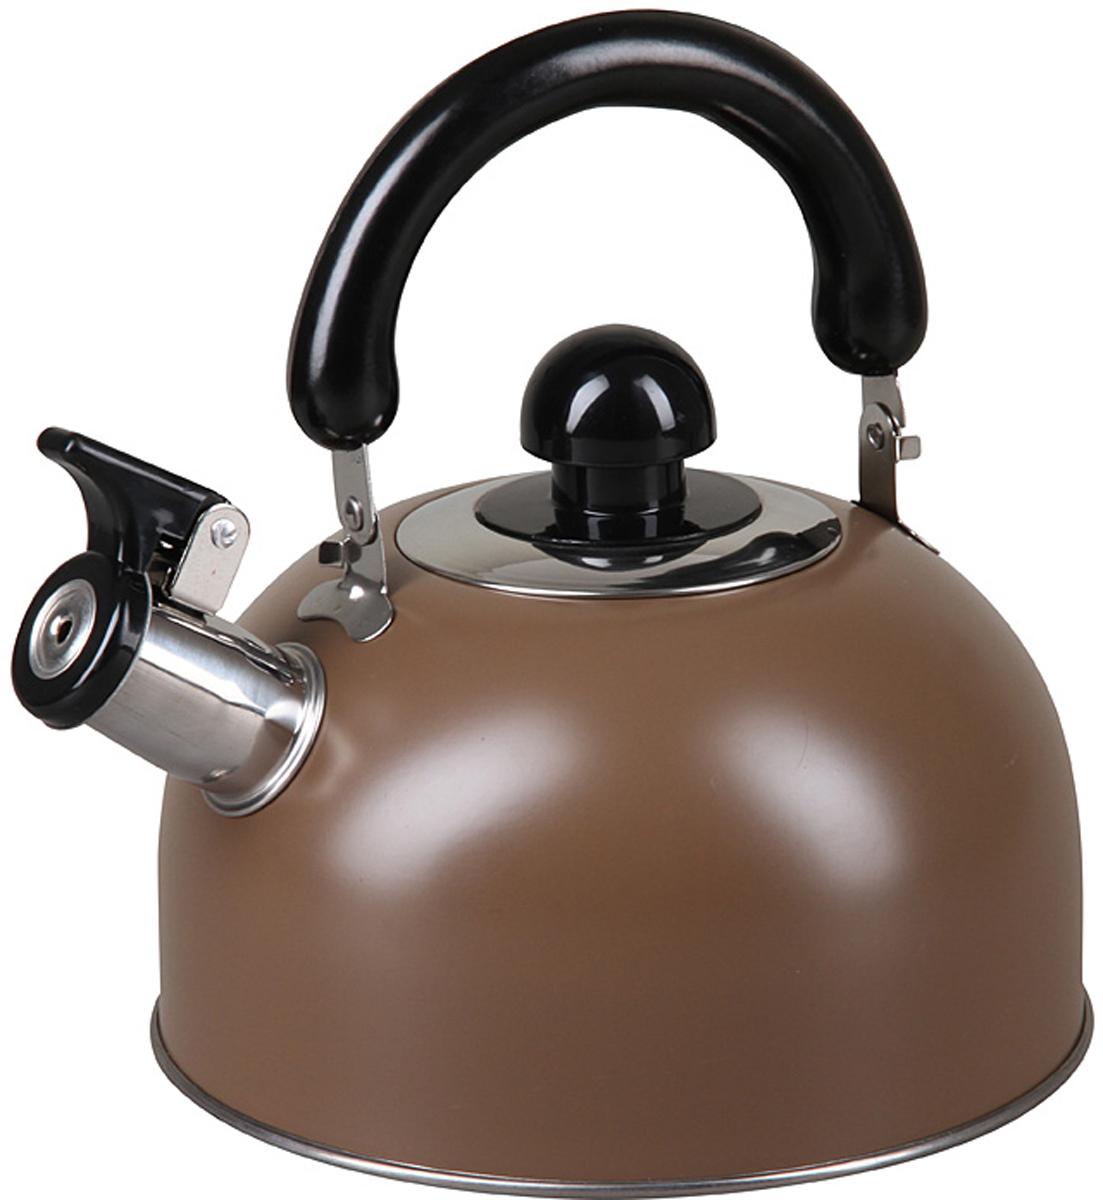 Чайник Pomi d'Oro PSS-650012, со свистком, 2,5 л. 77.858@27415 чайник pomi d'oro pss 650011 l со свистком 3 л 77 858 26763